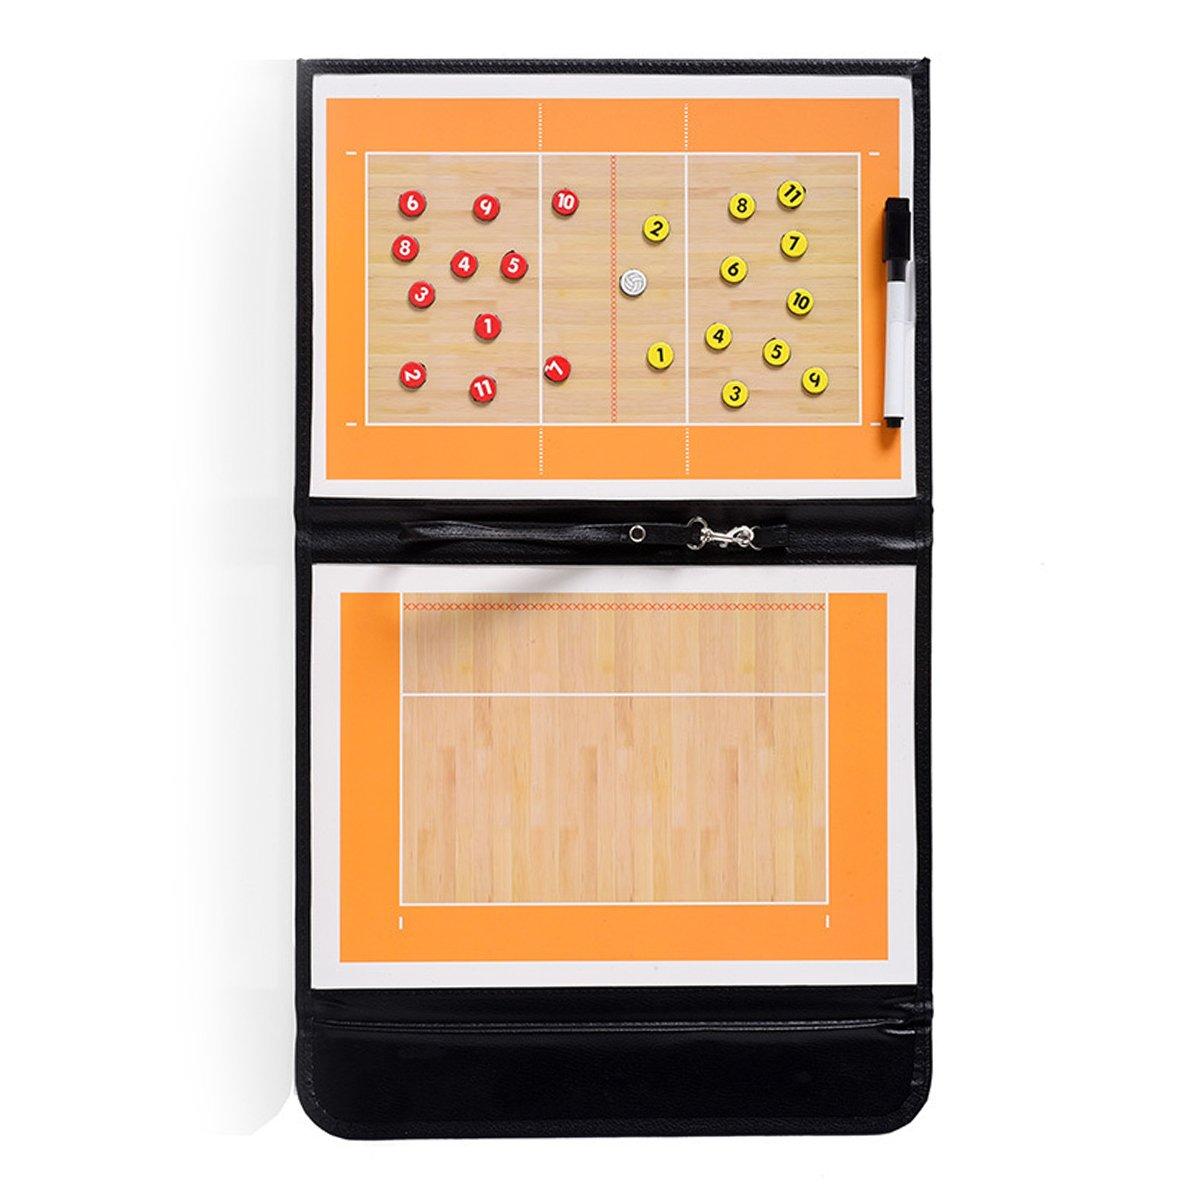 Pizarra magnética y táctica para el entrenador, de cuero perfecto, plegable, para baloncesto, voleibol, balompié/fútbol, de la marca Adesugata, Basketball